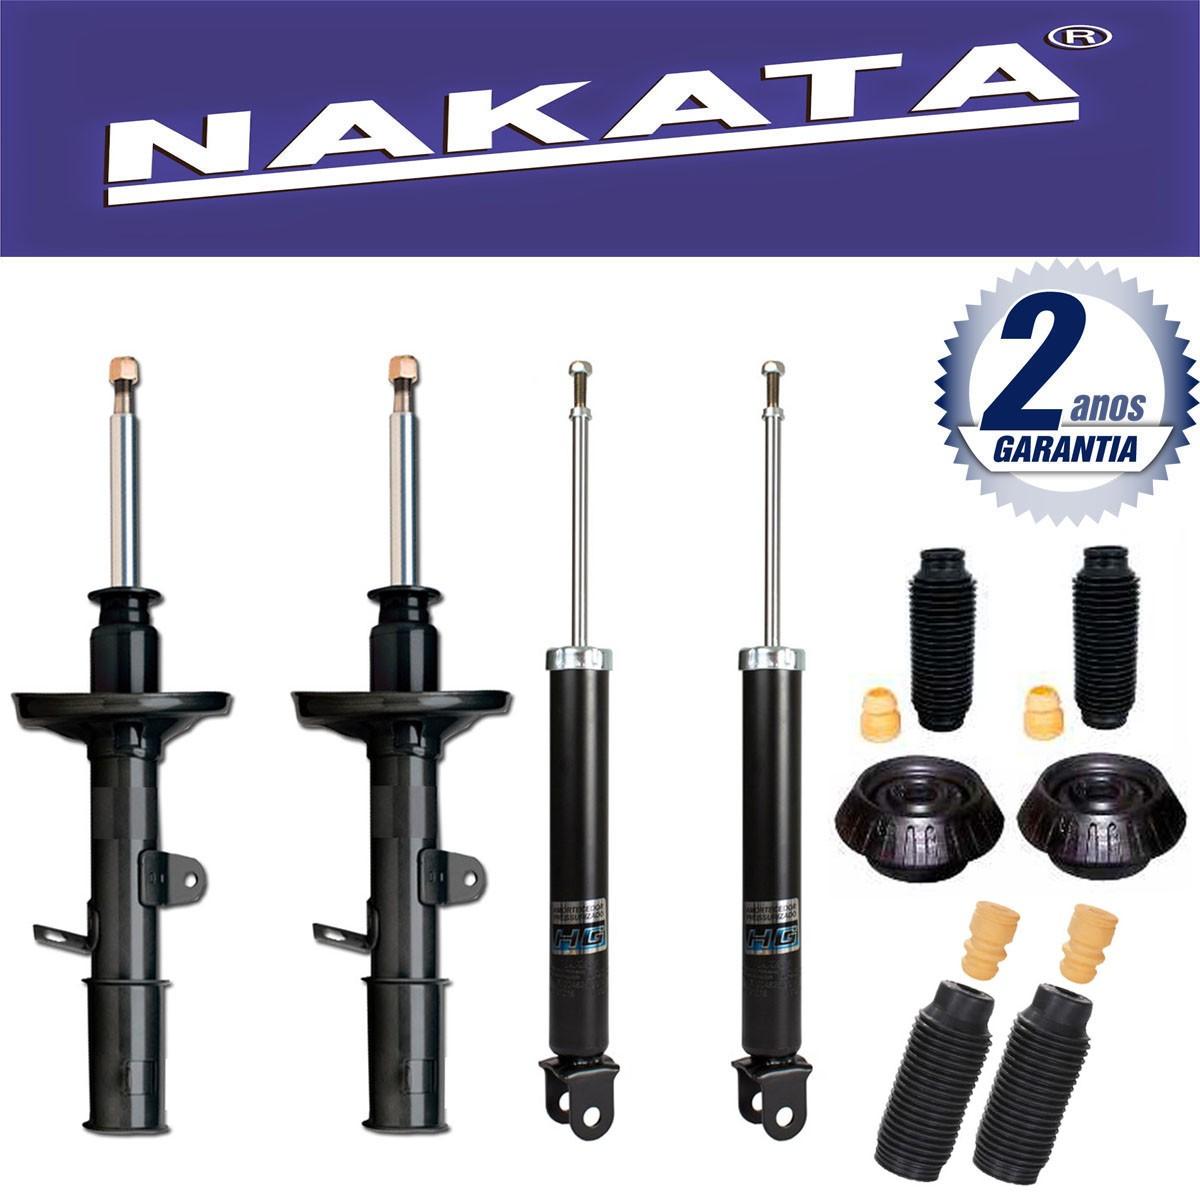 Jogo 04 Amortecedores Nakata Hyundai HB20 Hb20s 2012 Até 2015 + Kit da Suspensão